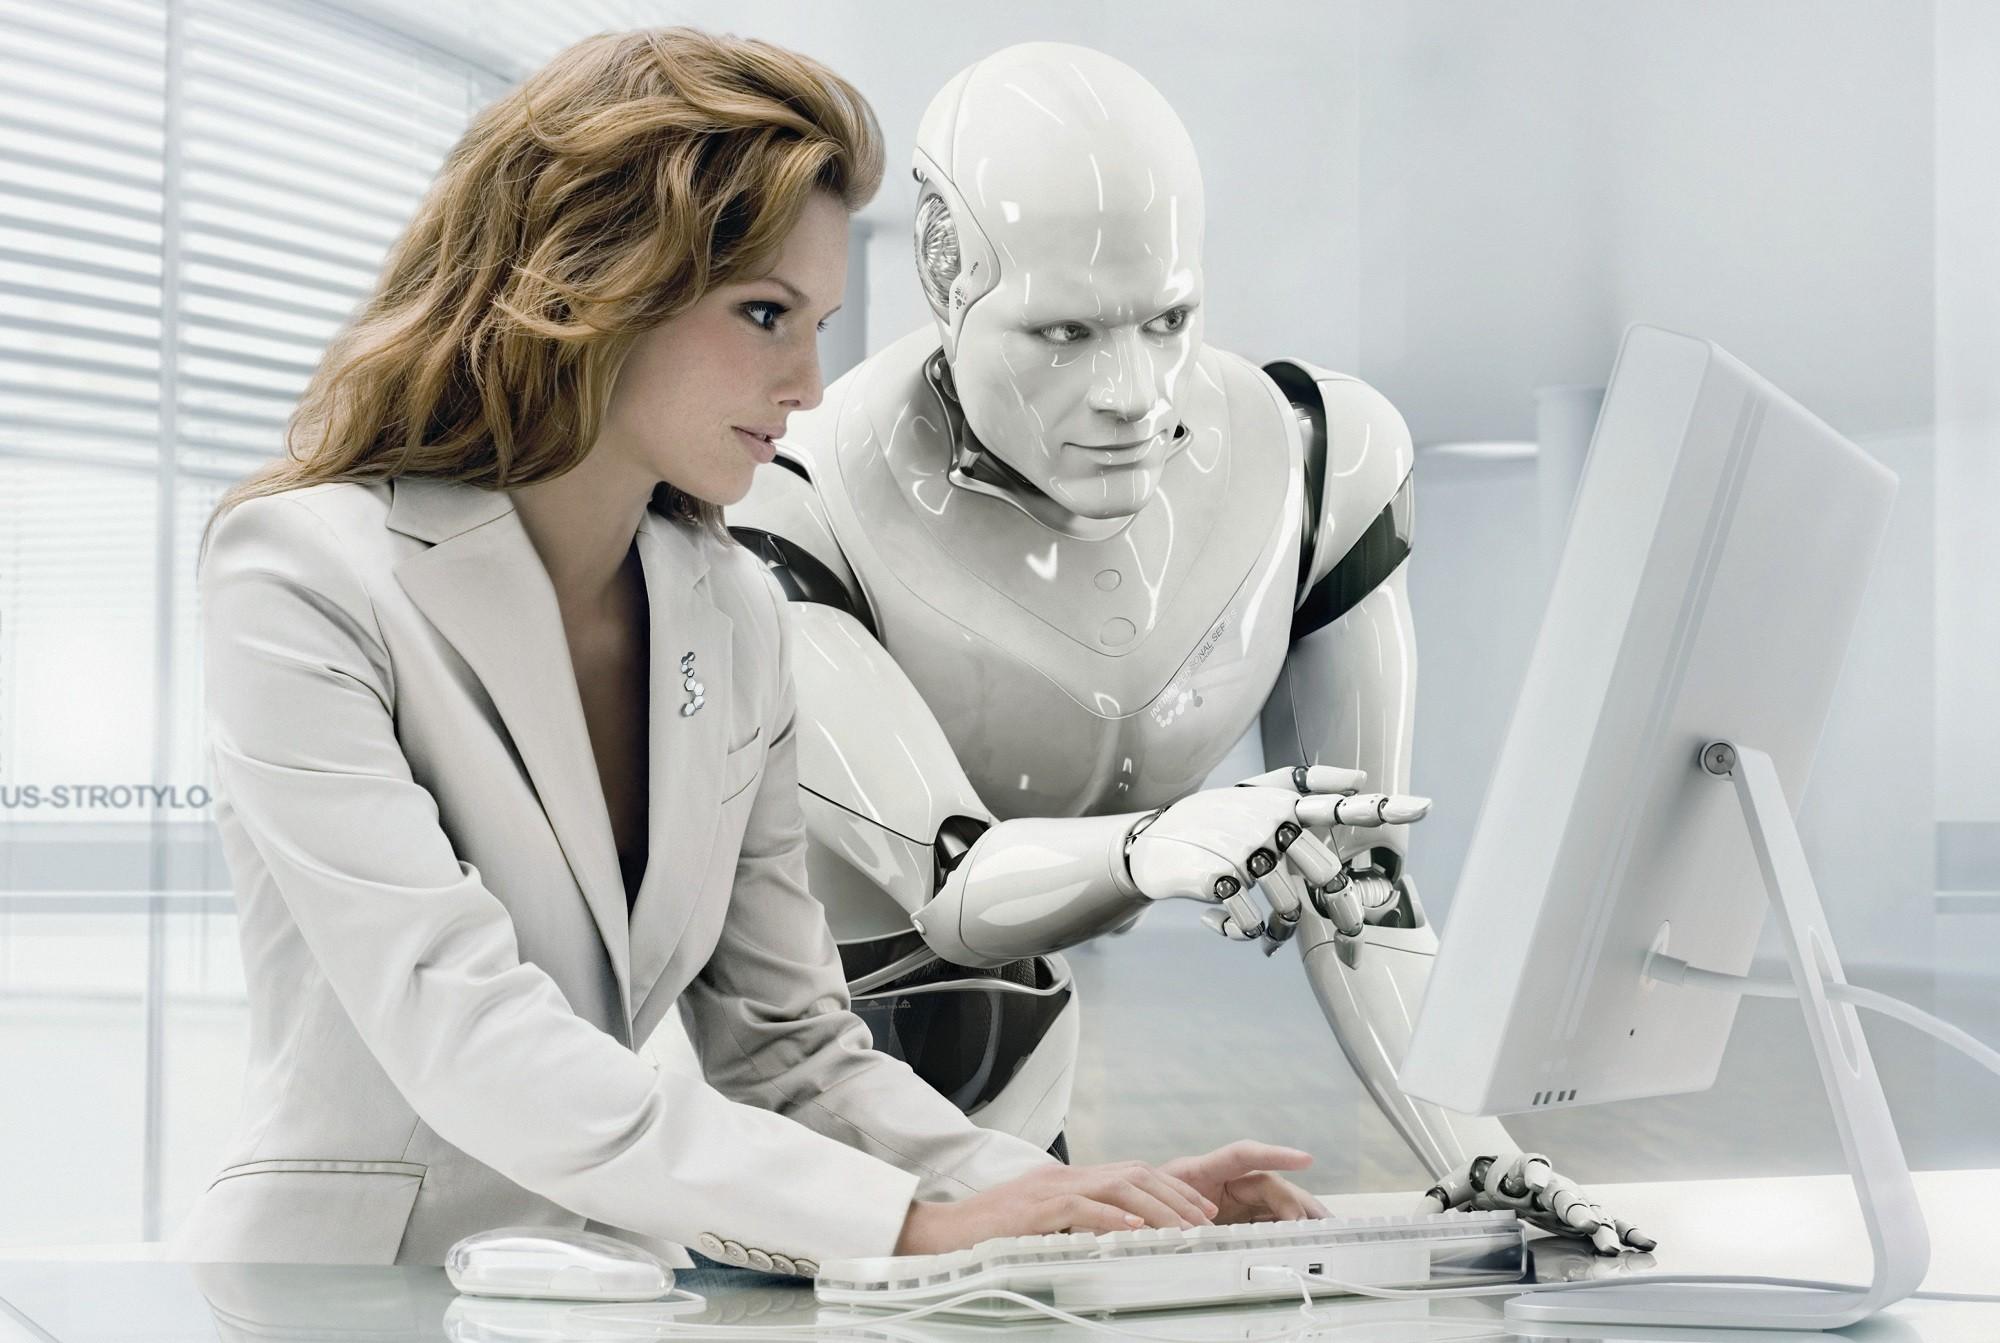 Смотреть секс с роботами 17 фотография